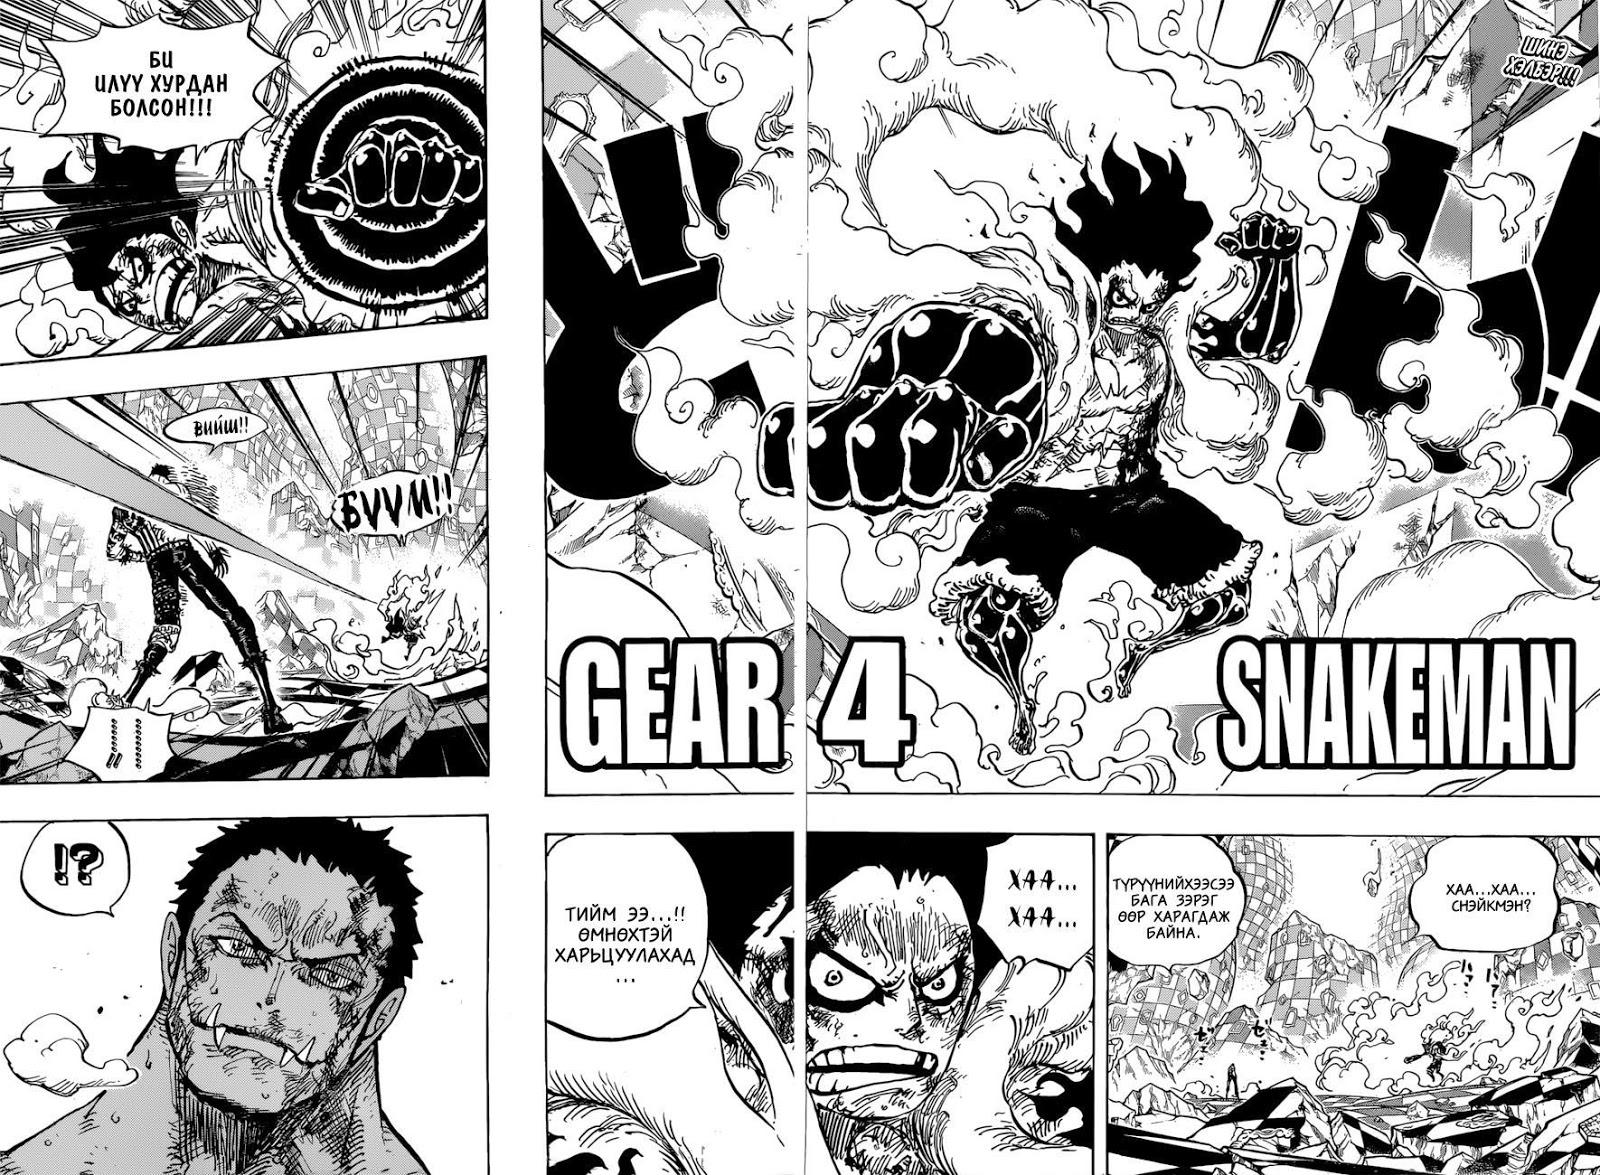 Felsebiyat Dergisi – Popular One Piece 895 Mangafreak